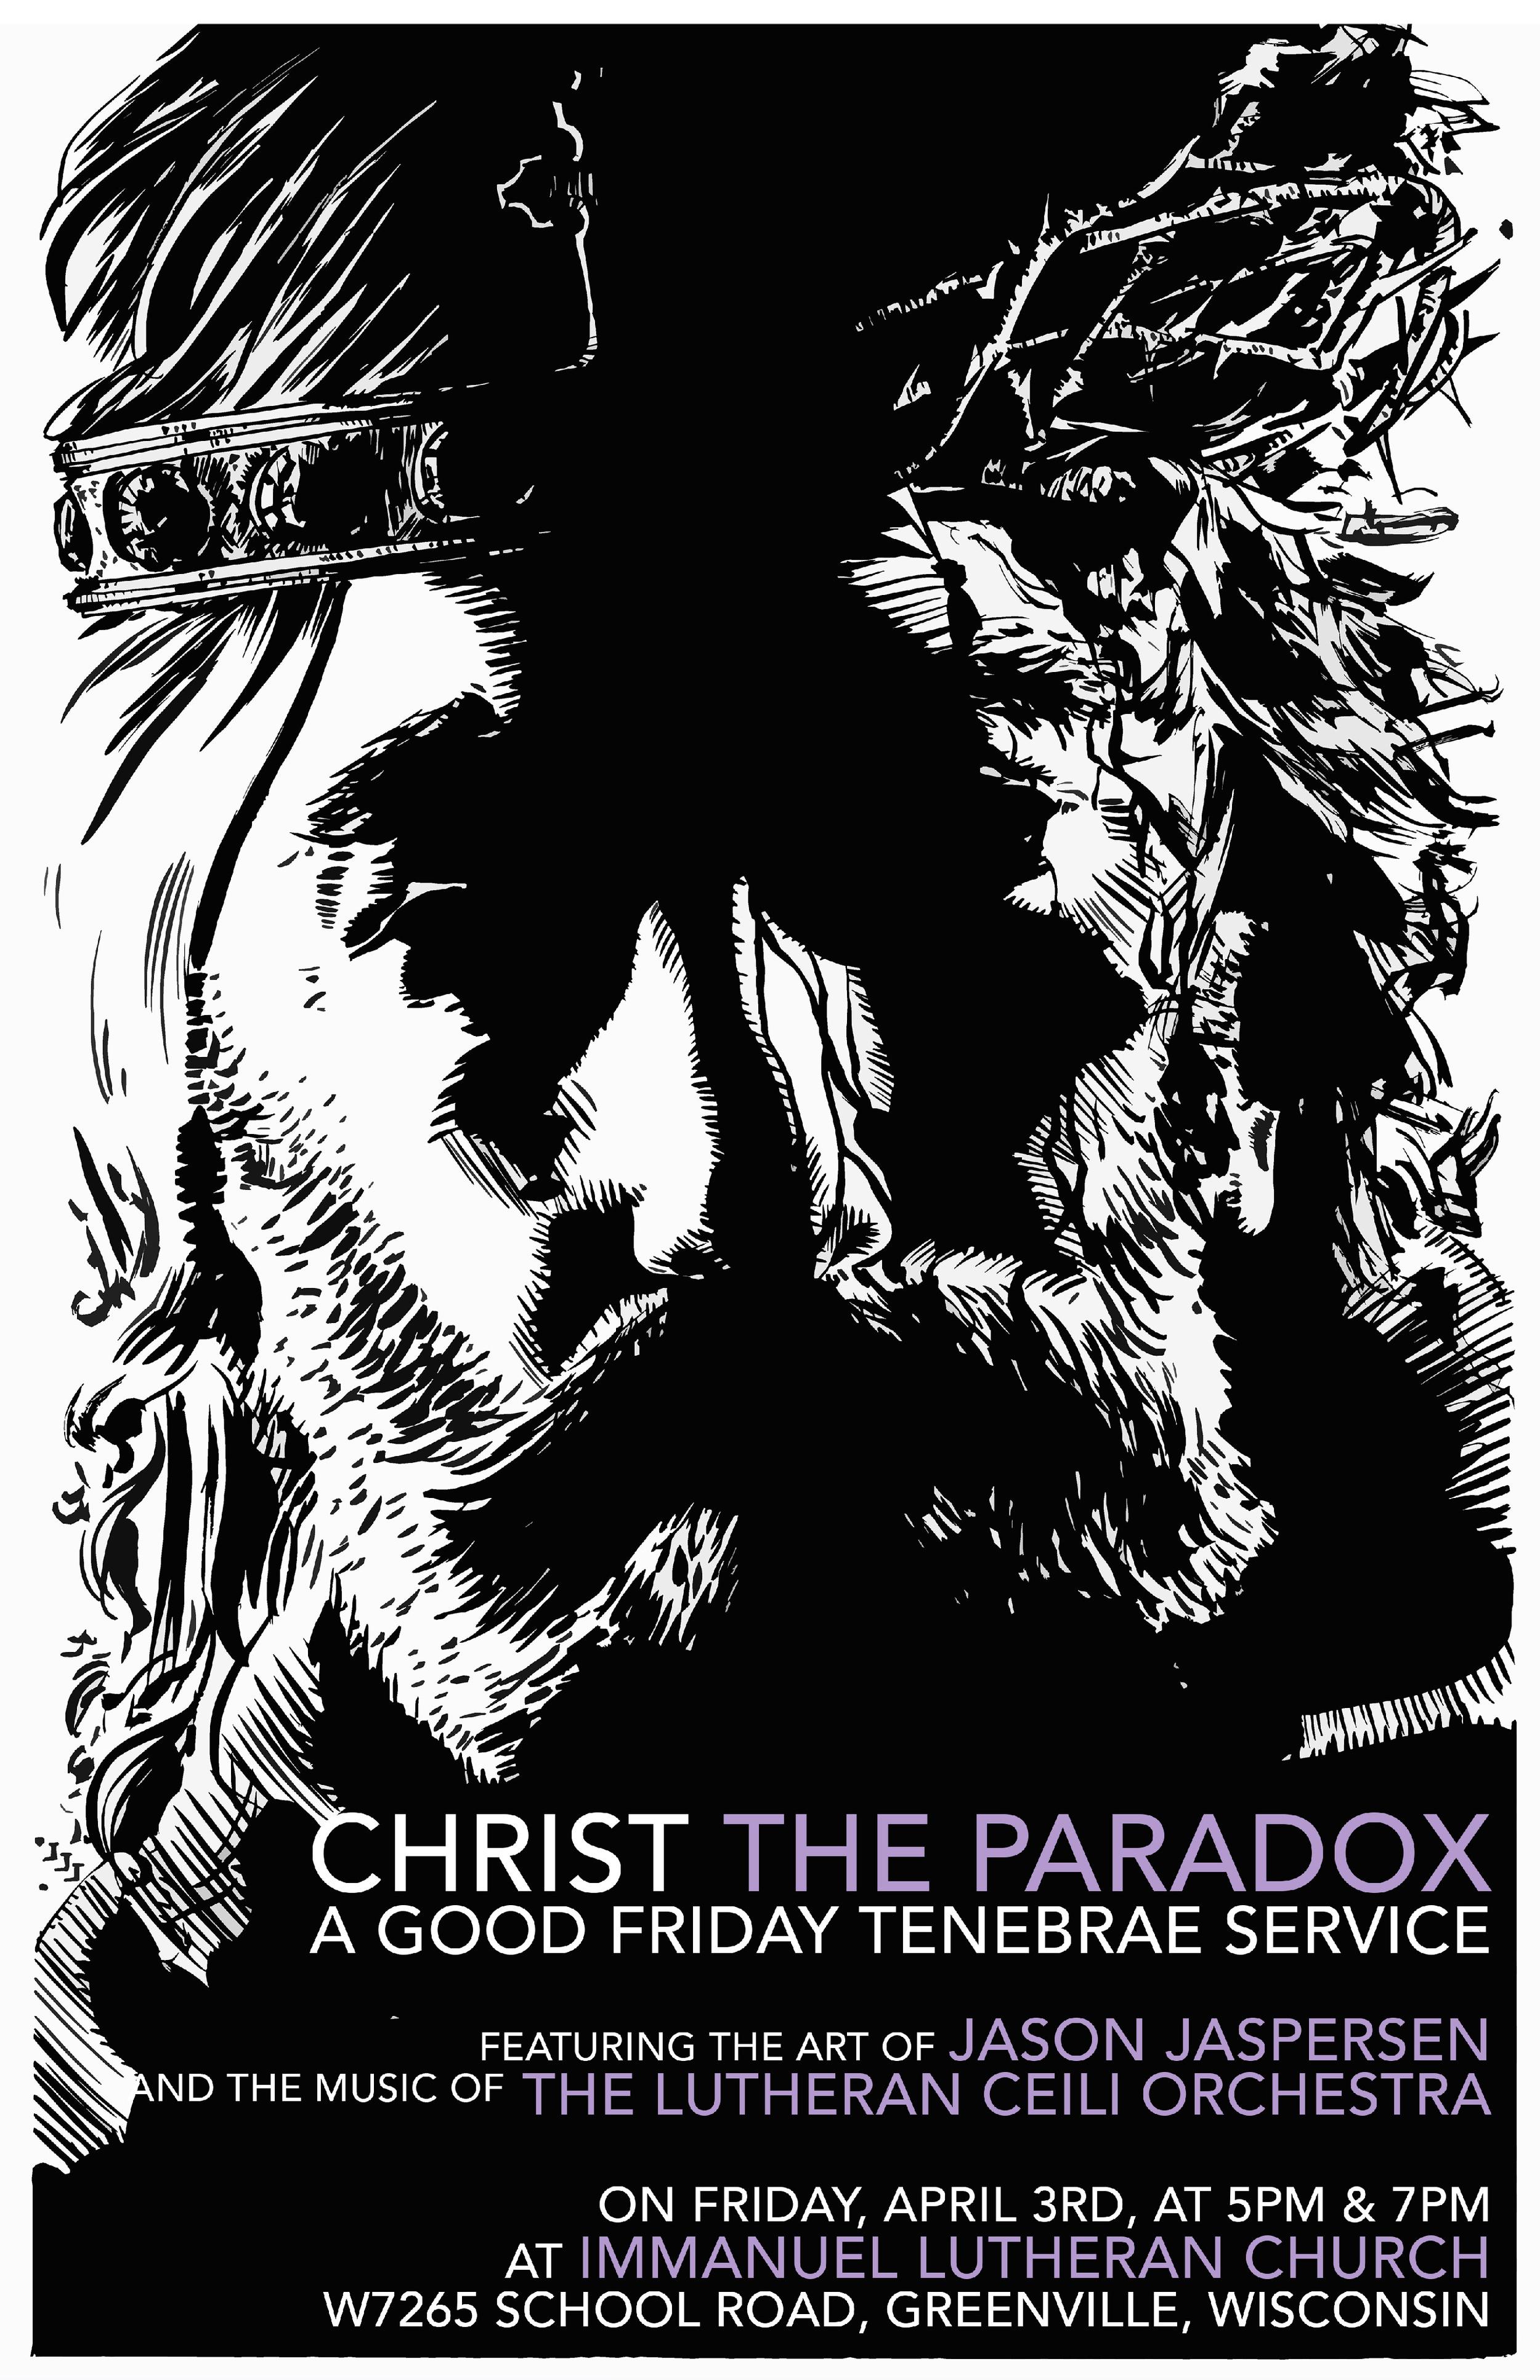 Tenebrae-2015---Christus-Paradox---Promo-Poster---11x17